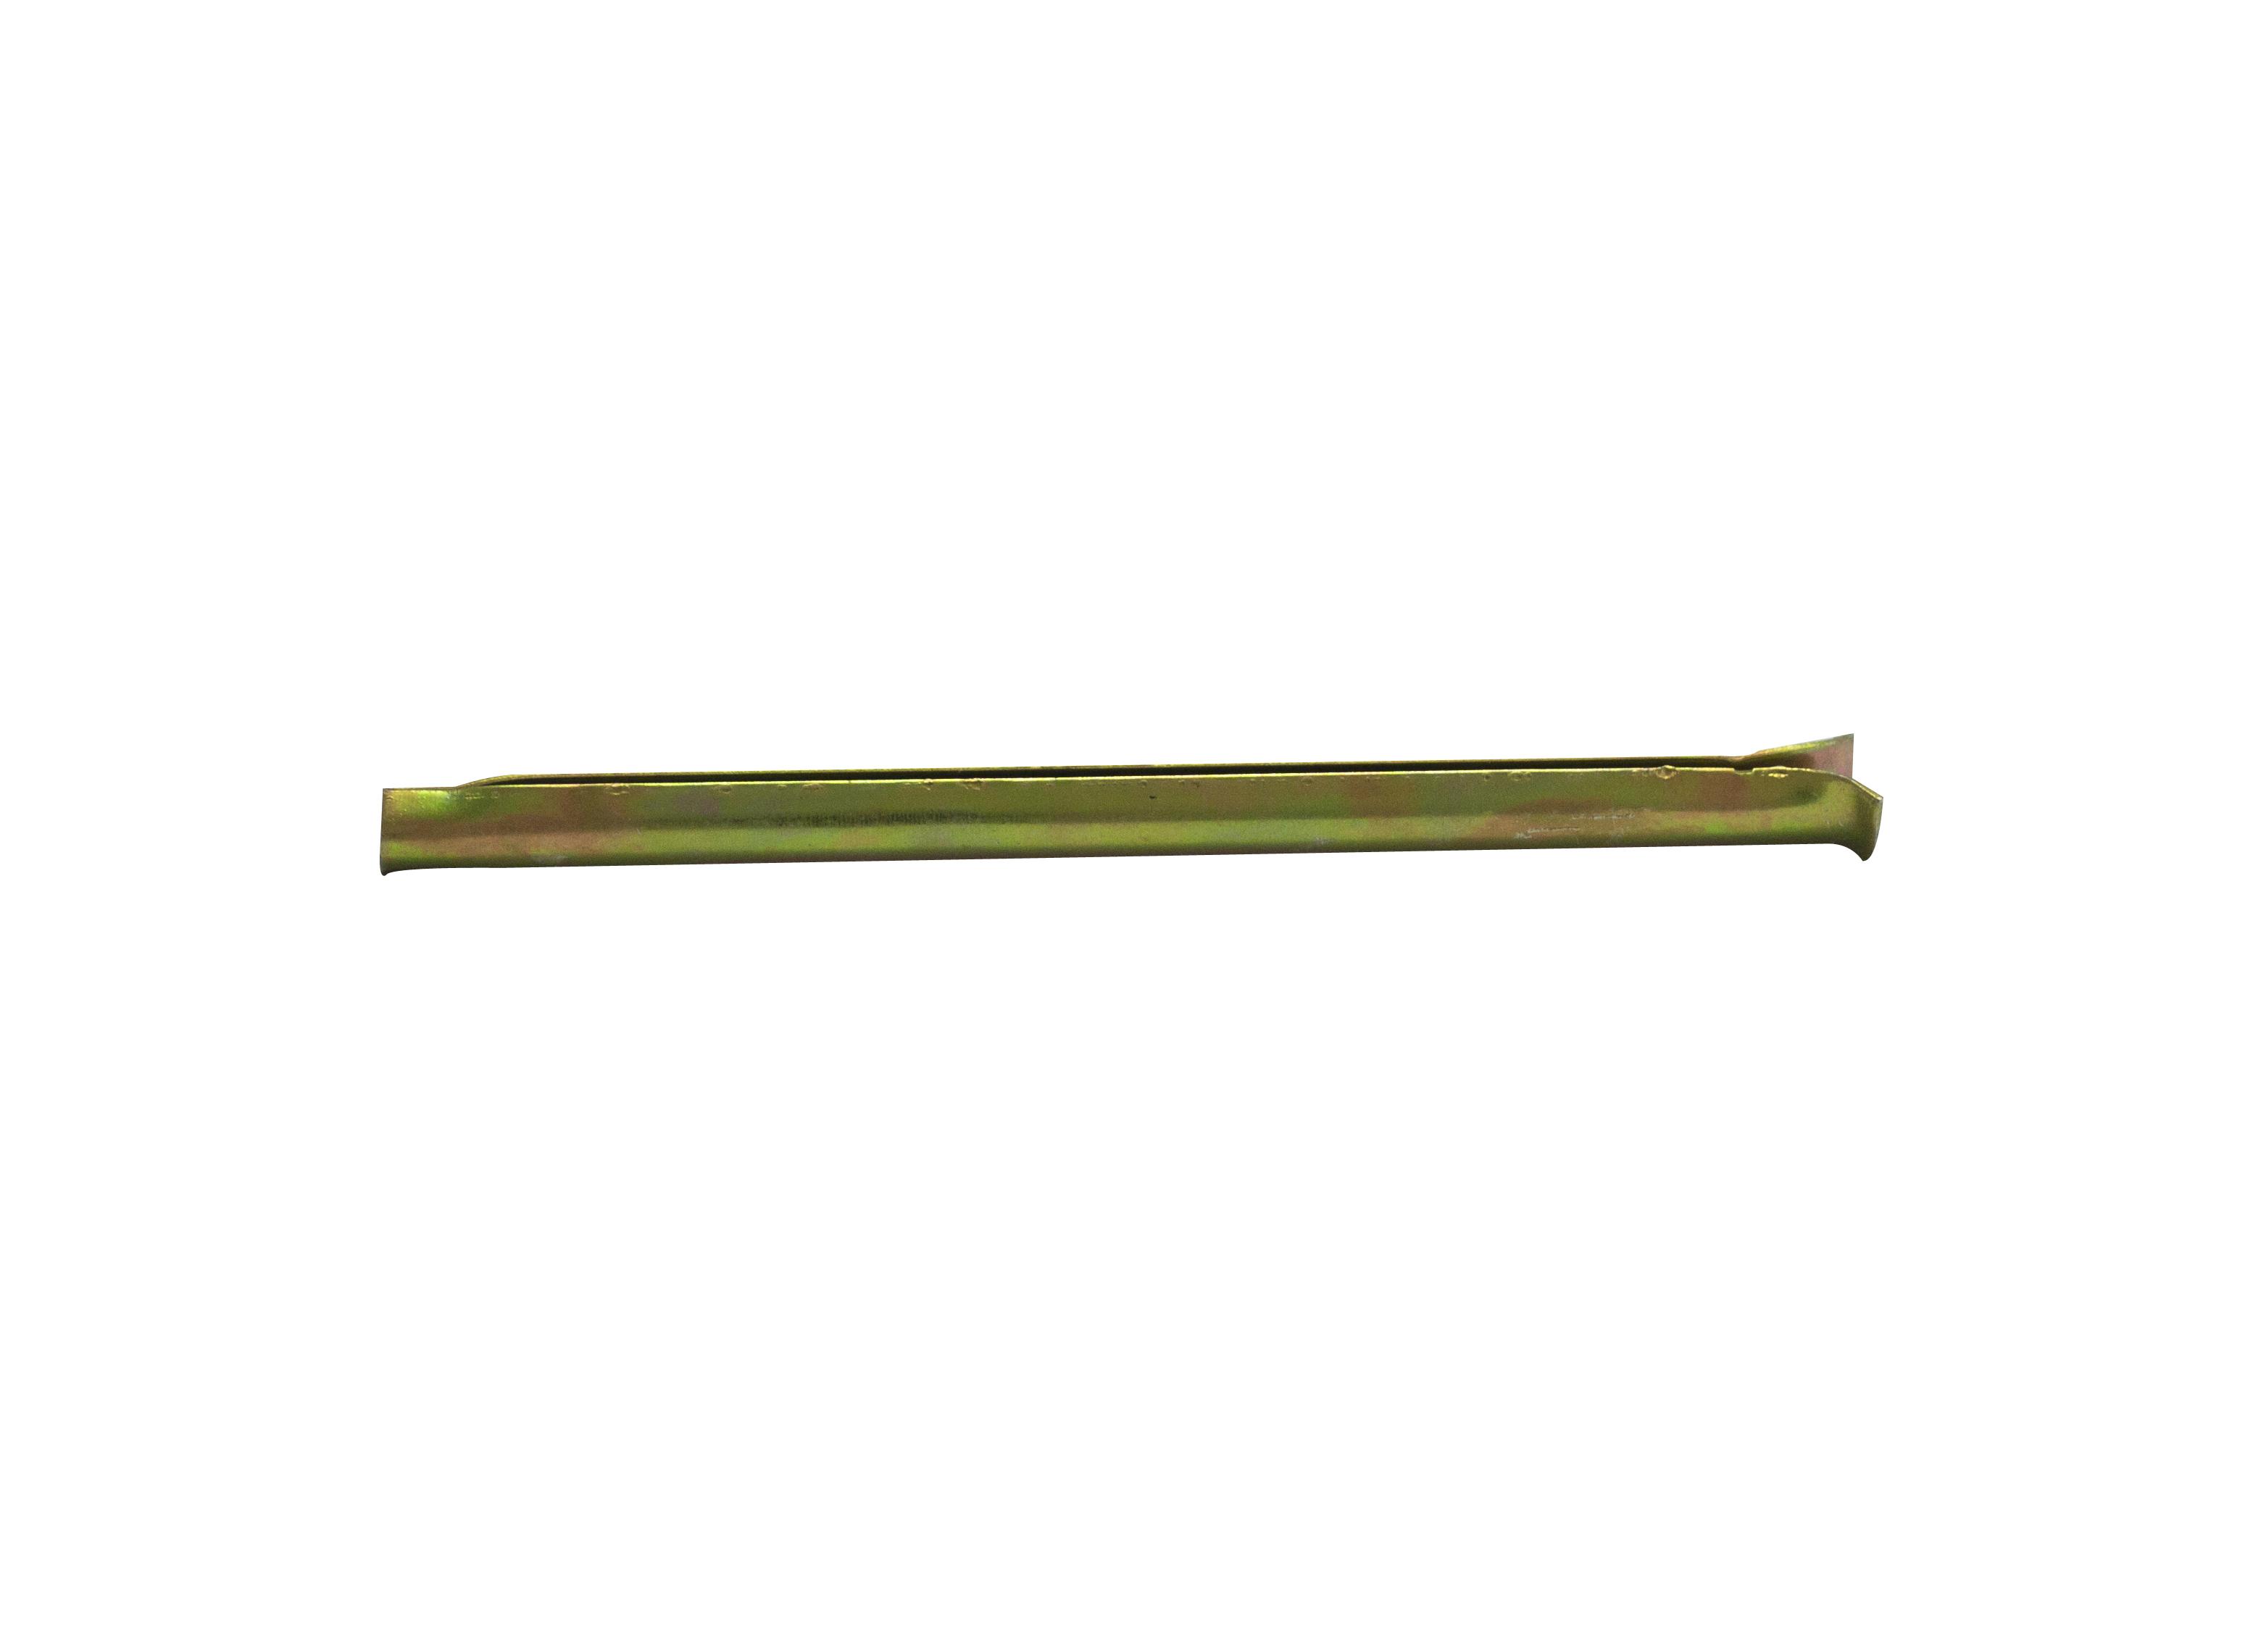 Rawl Trade Express Nail 8x90 (10pcs)